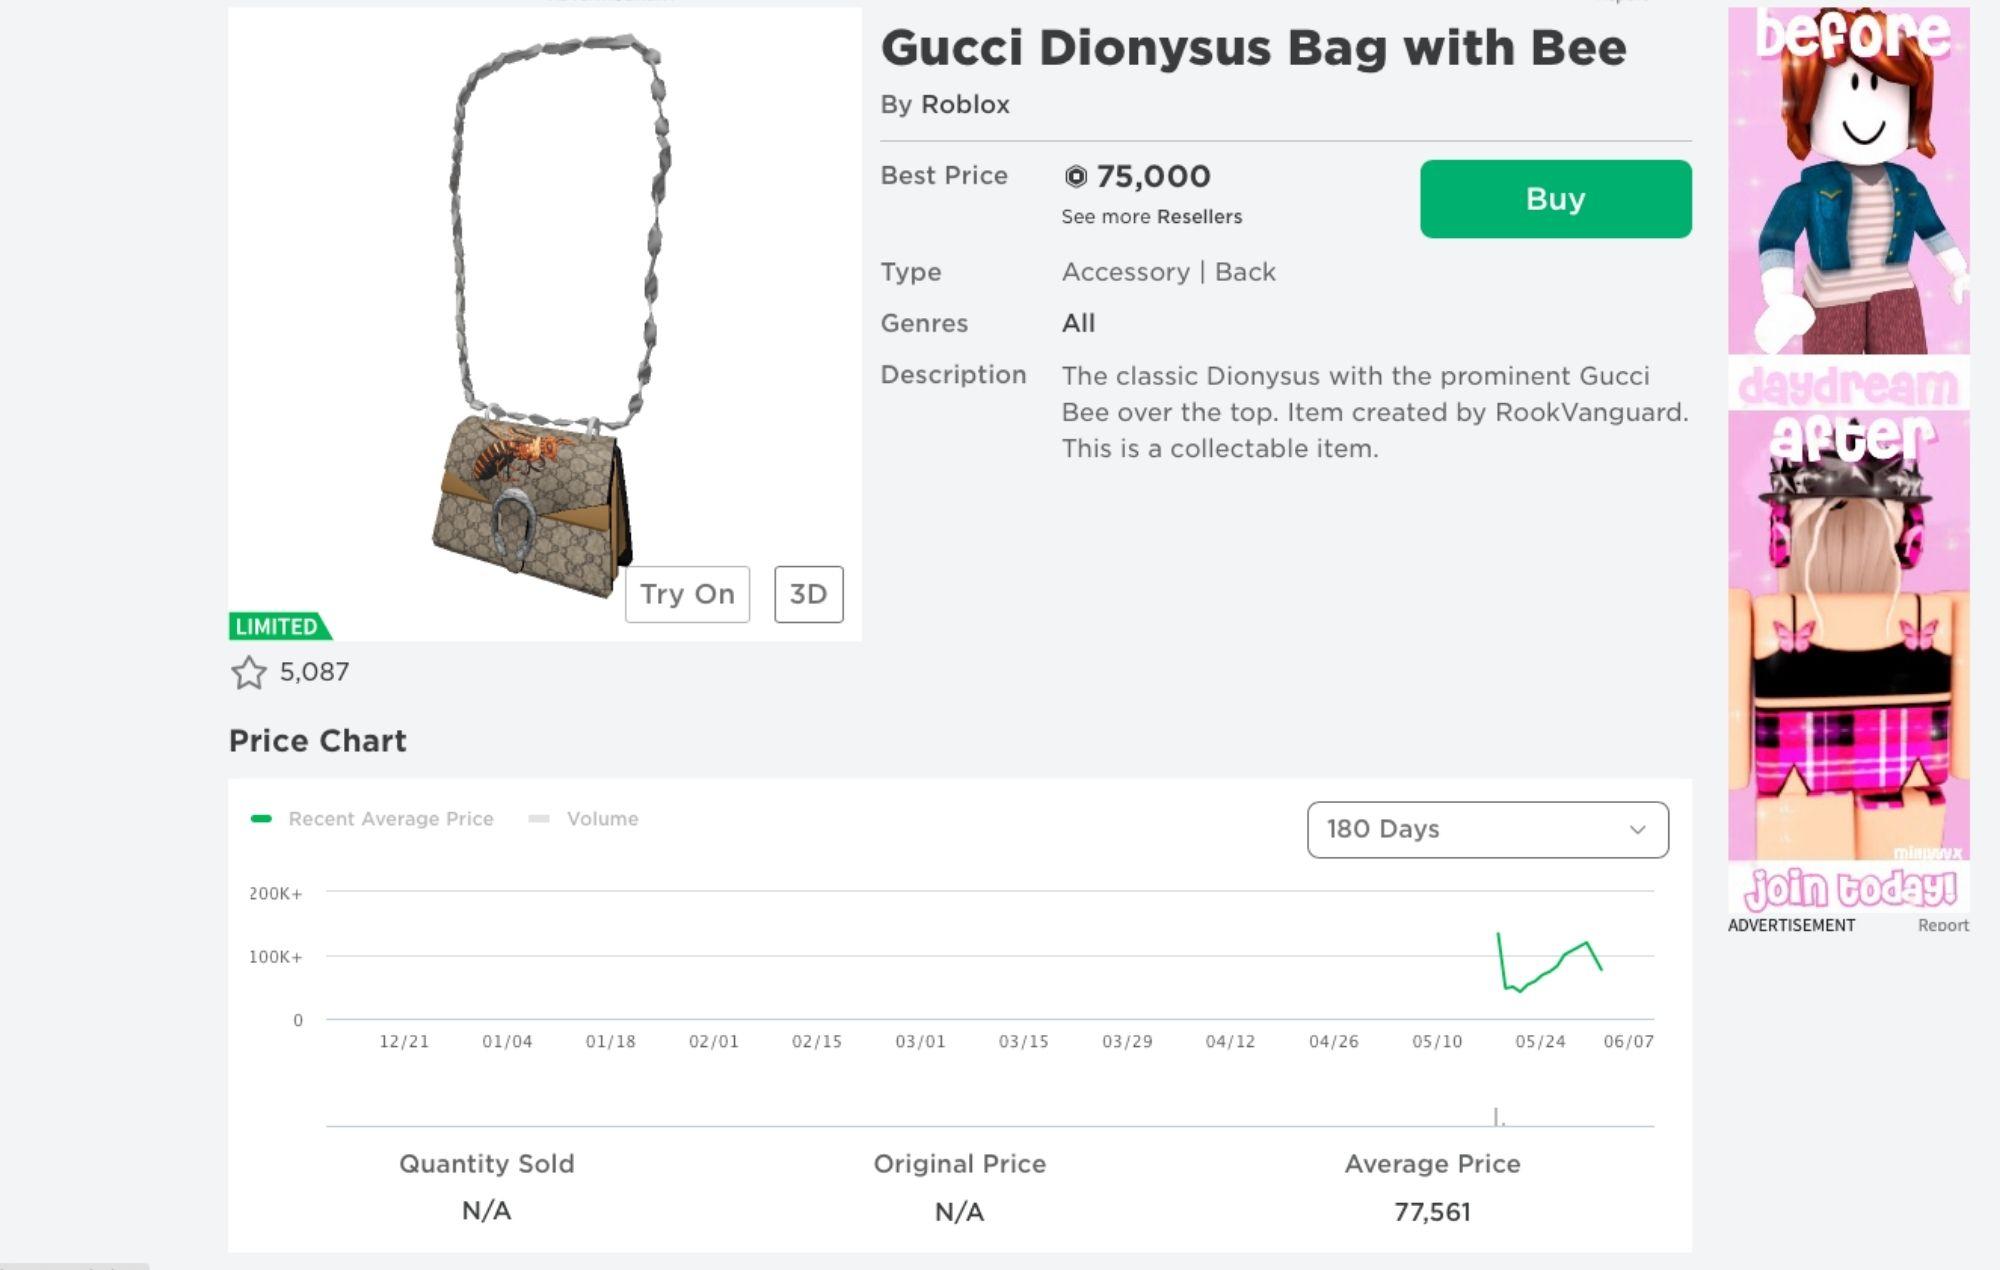 Roblox Gucci Bag